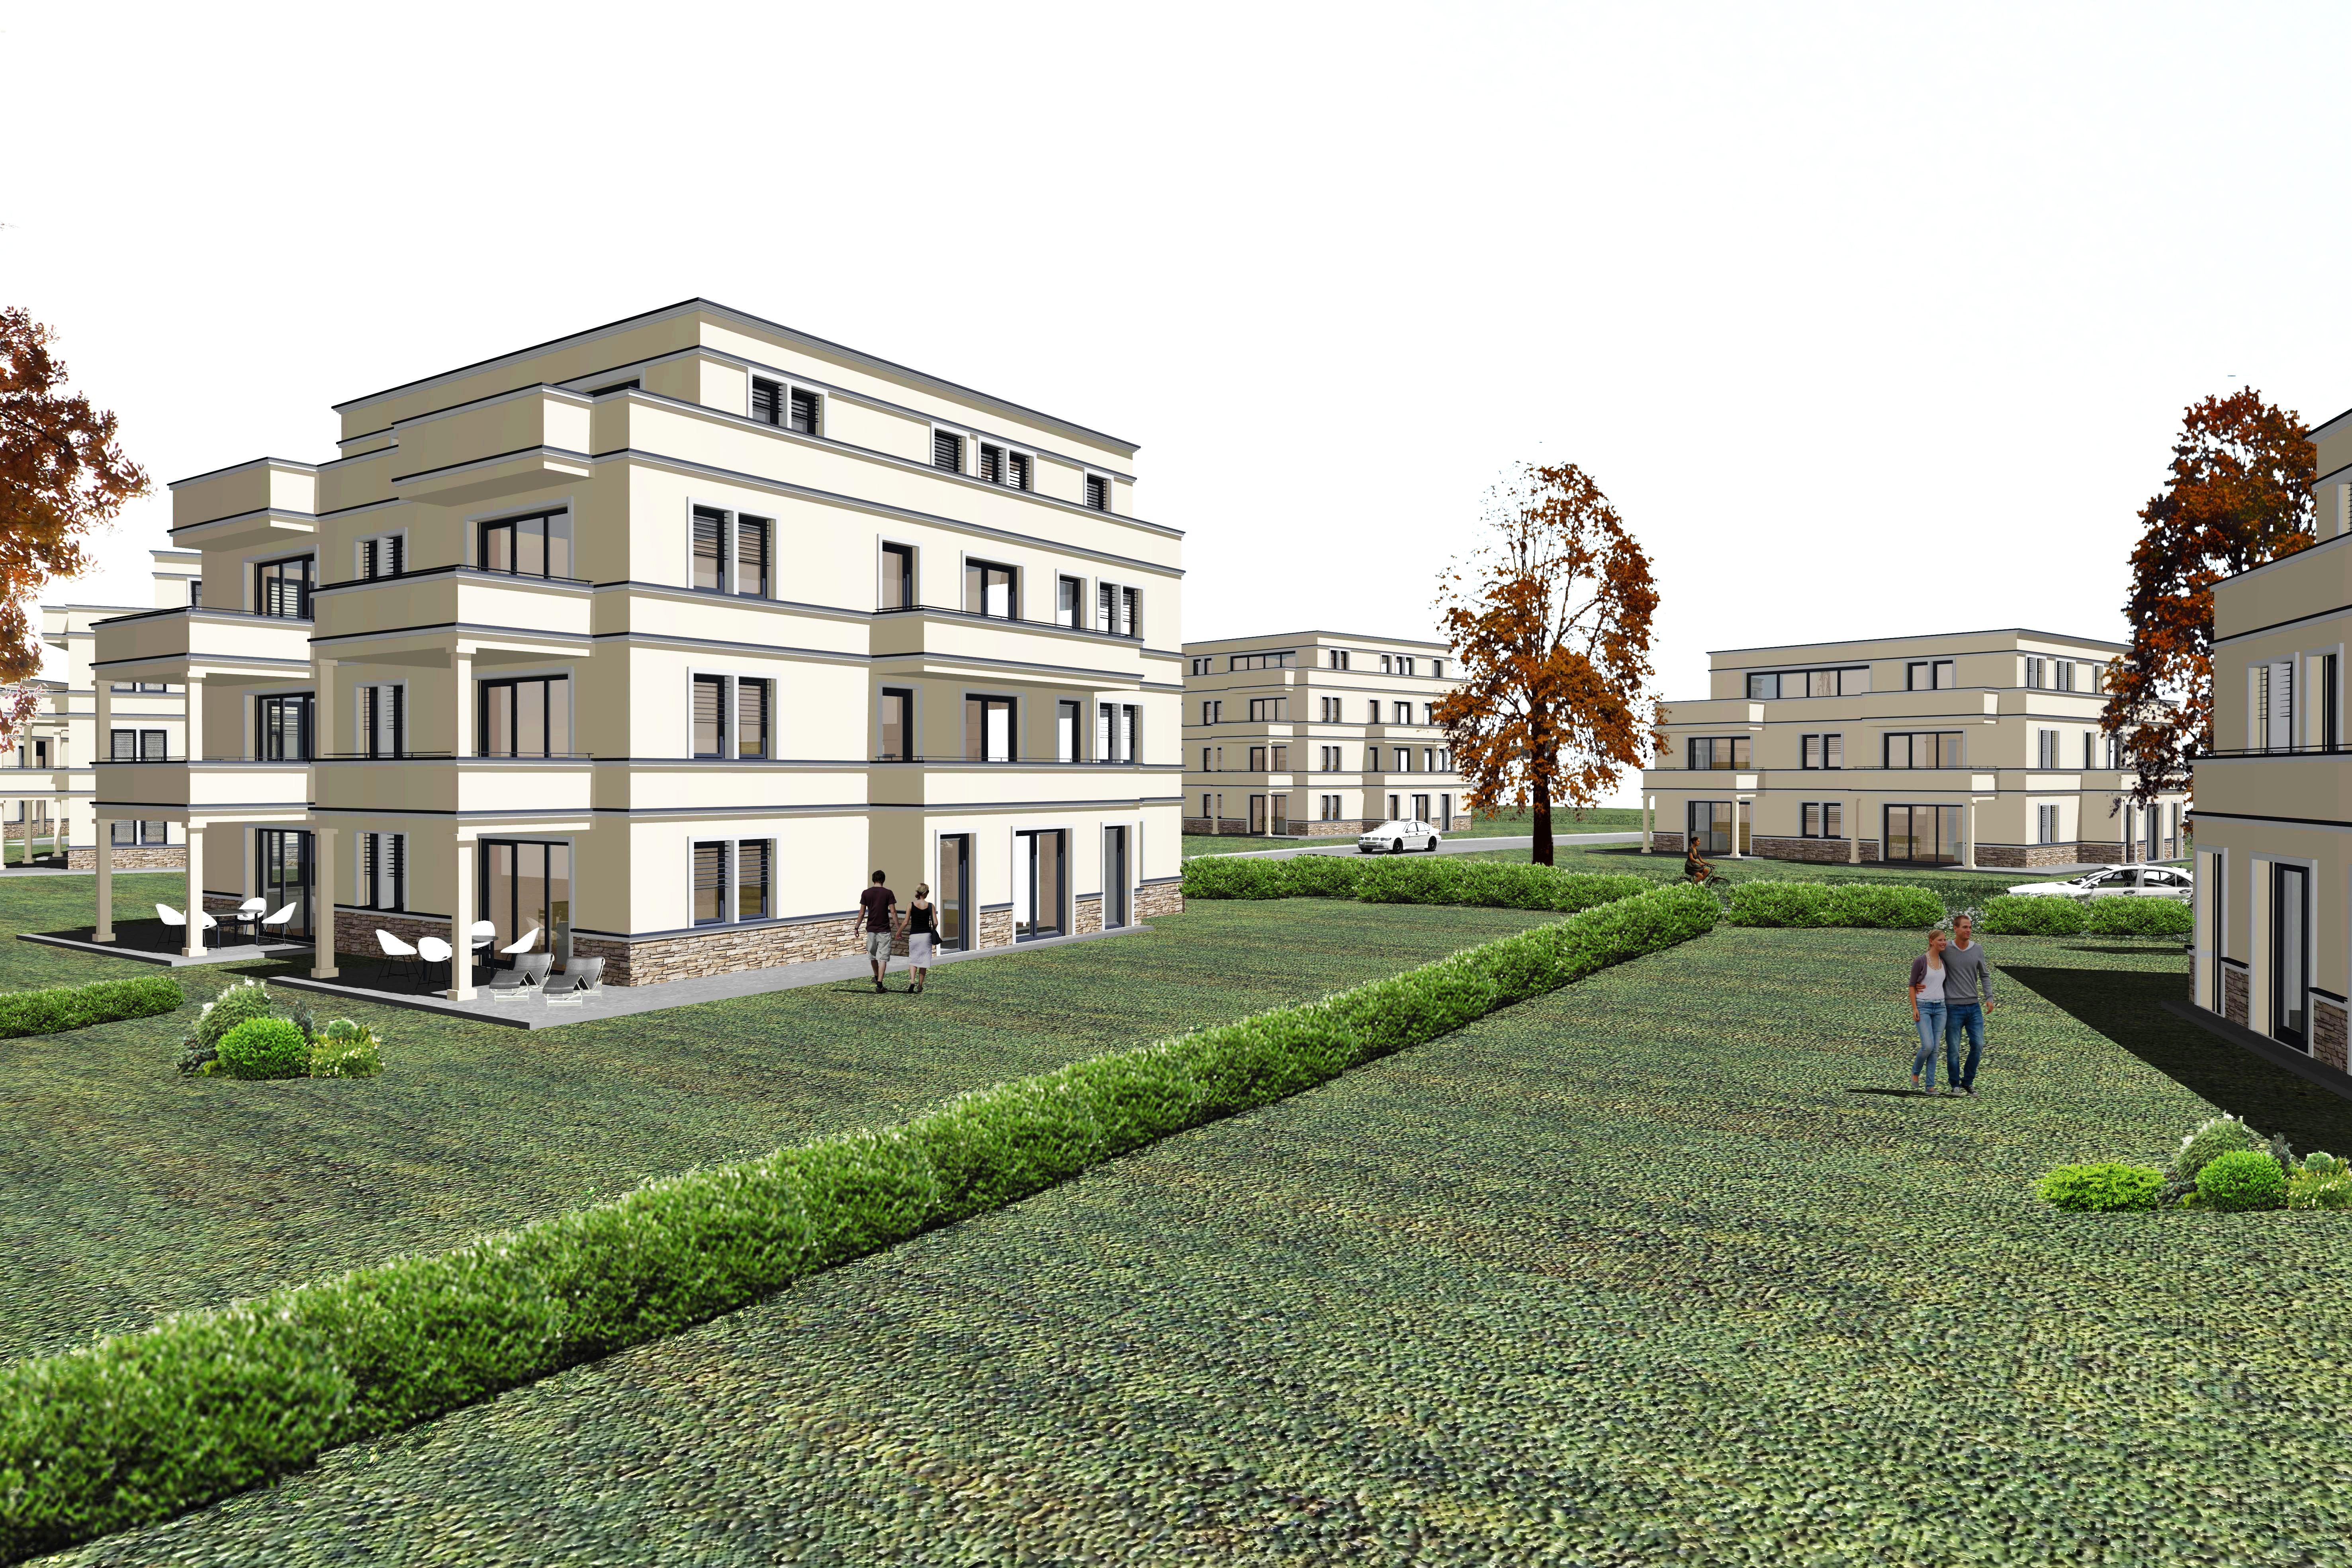 Wohnanlage Potsdam Jungfernsee - Vorentwurfs-Perspektive